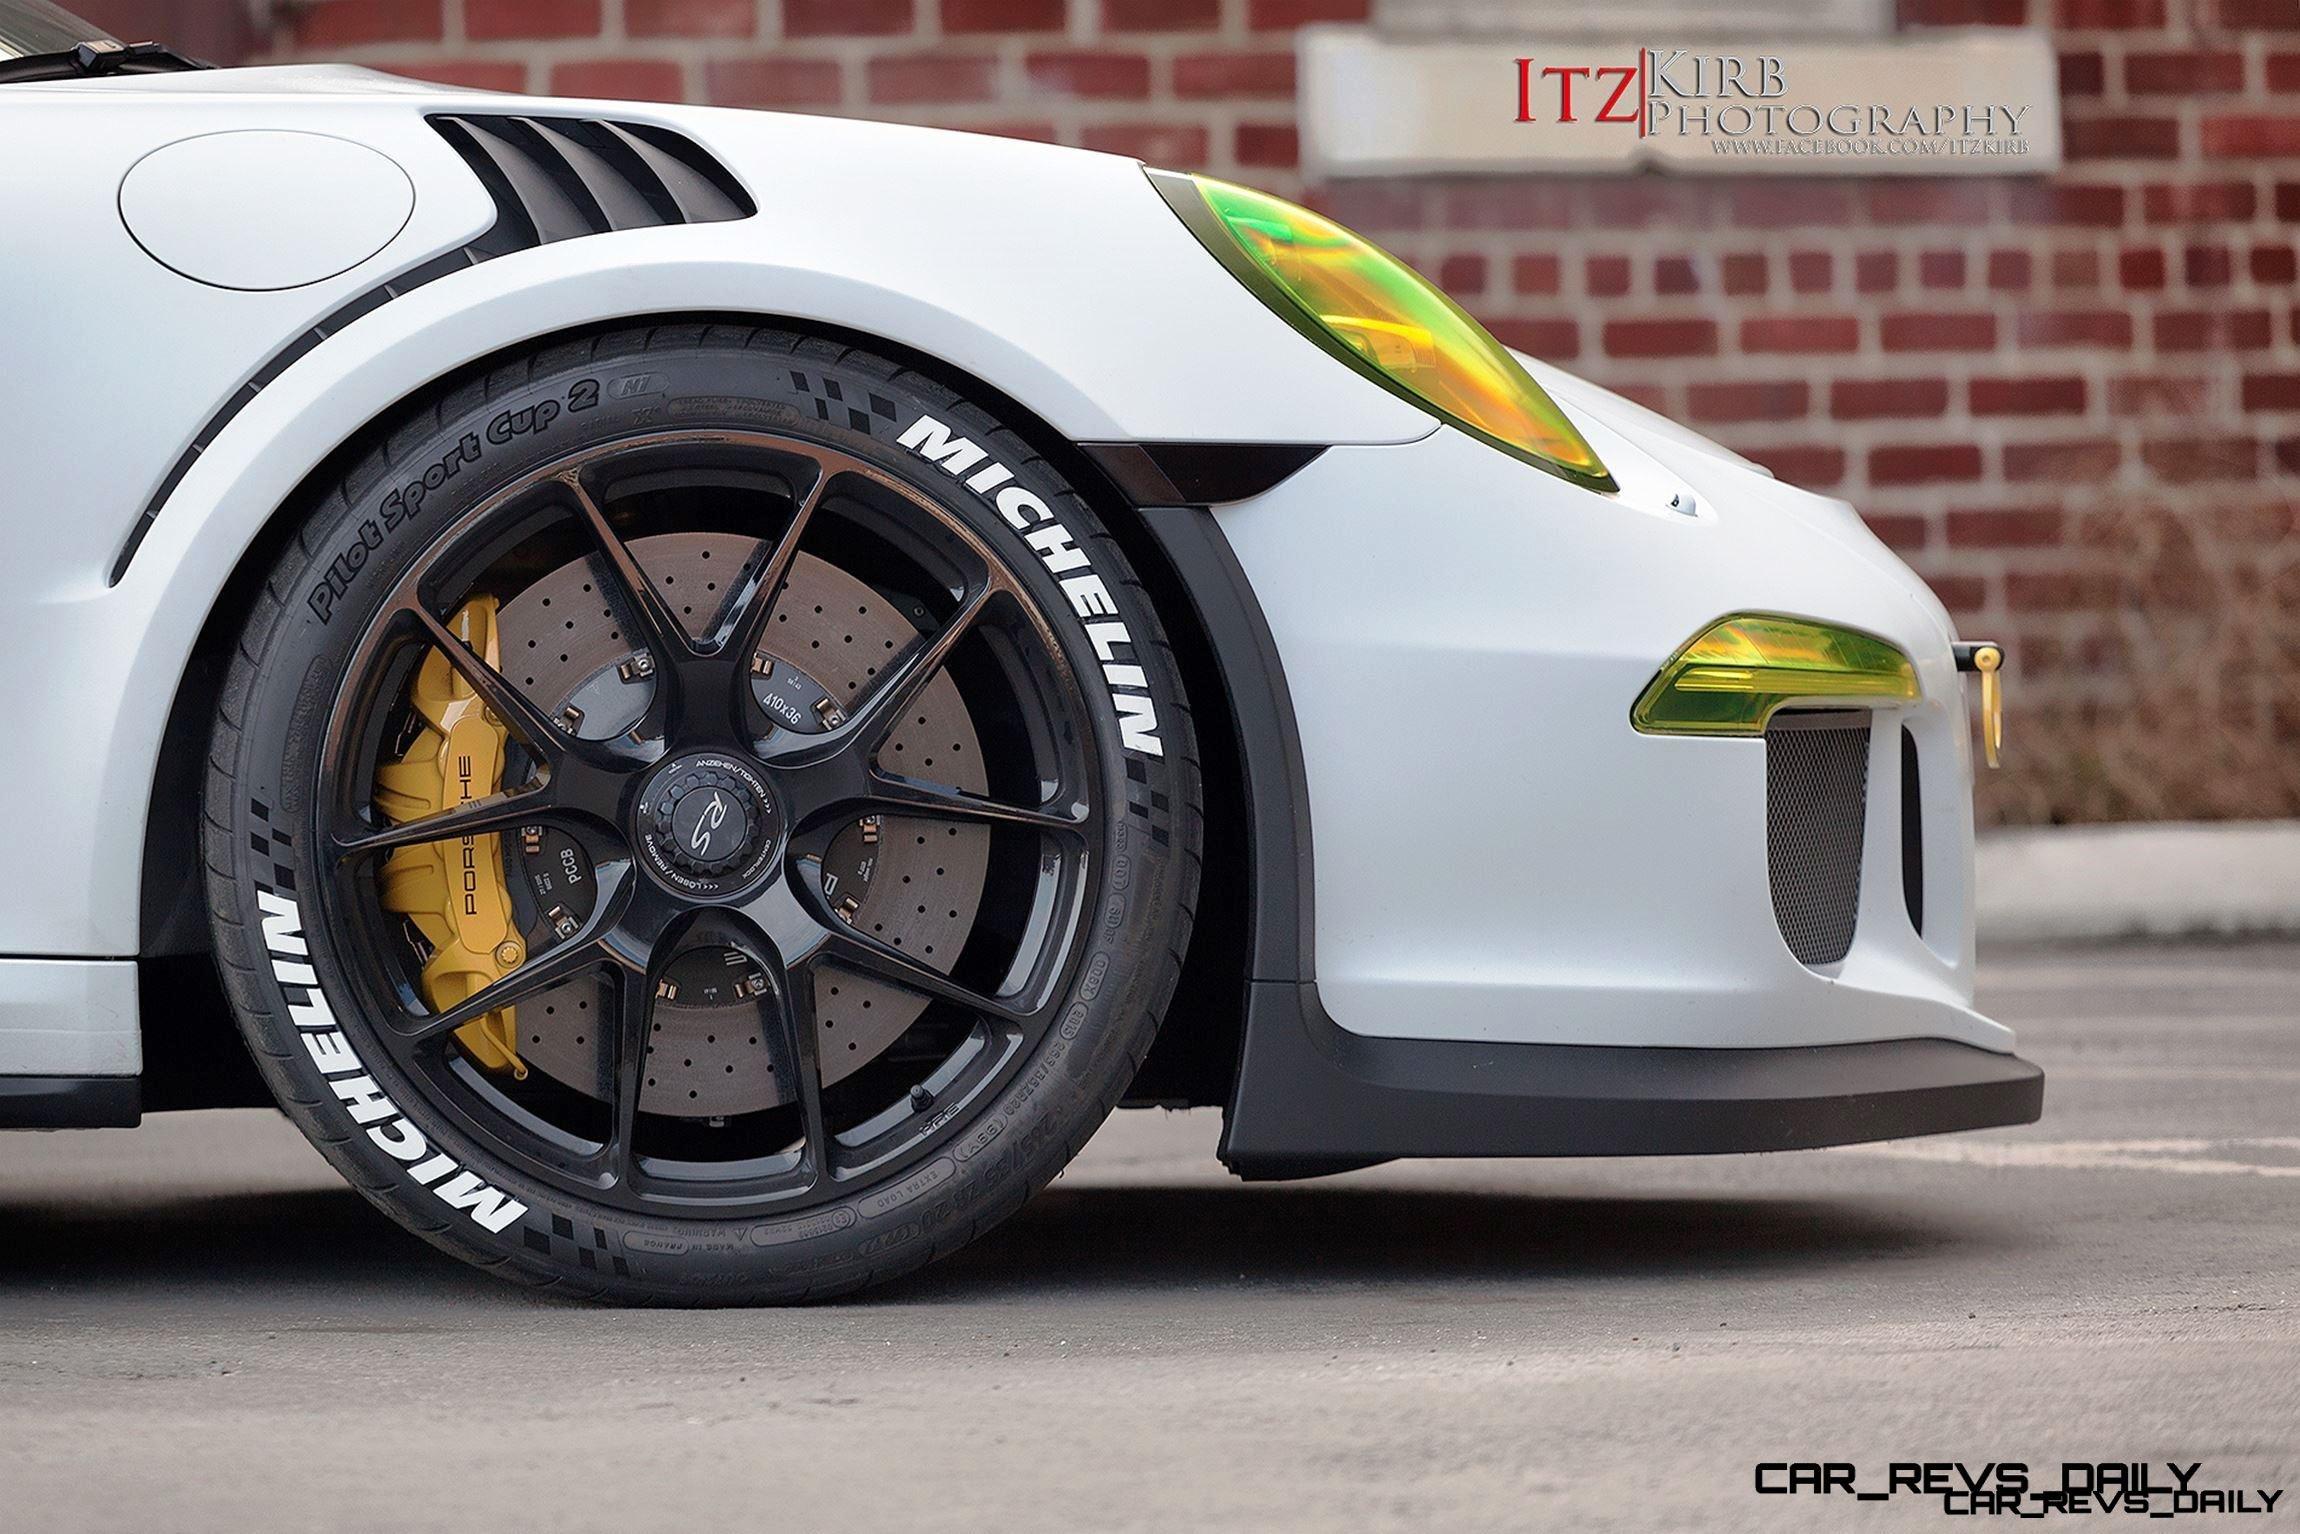 Trendwatch Stenciled Tires Escape Racetrack Sex Up